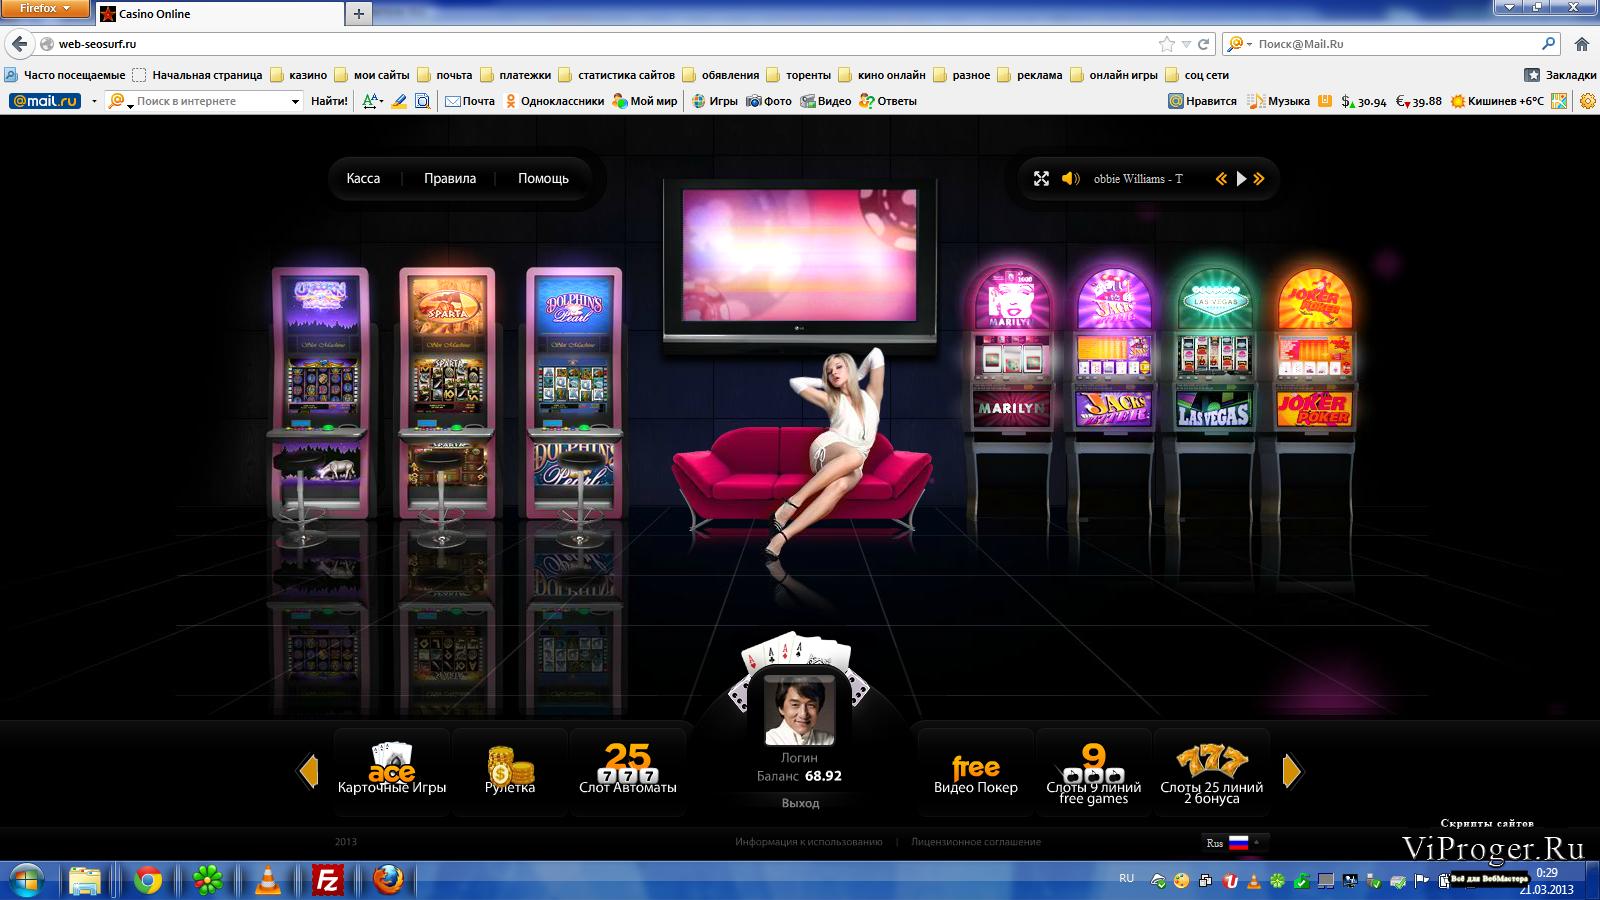 Скрипт игр для казино казино готель